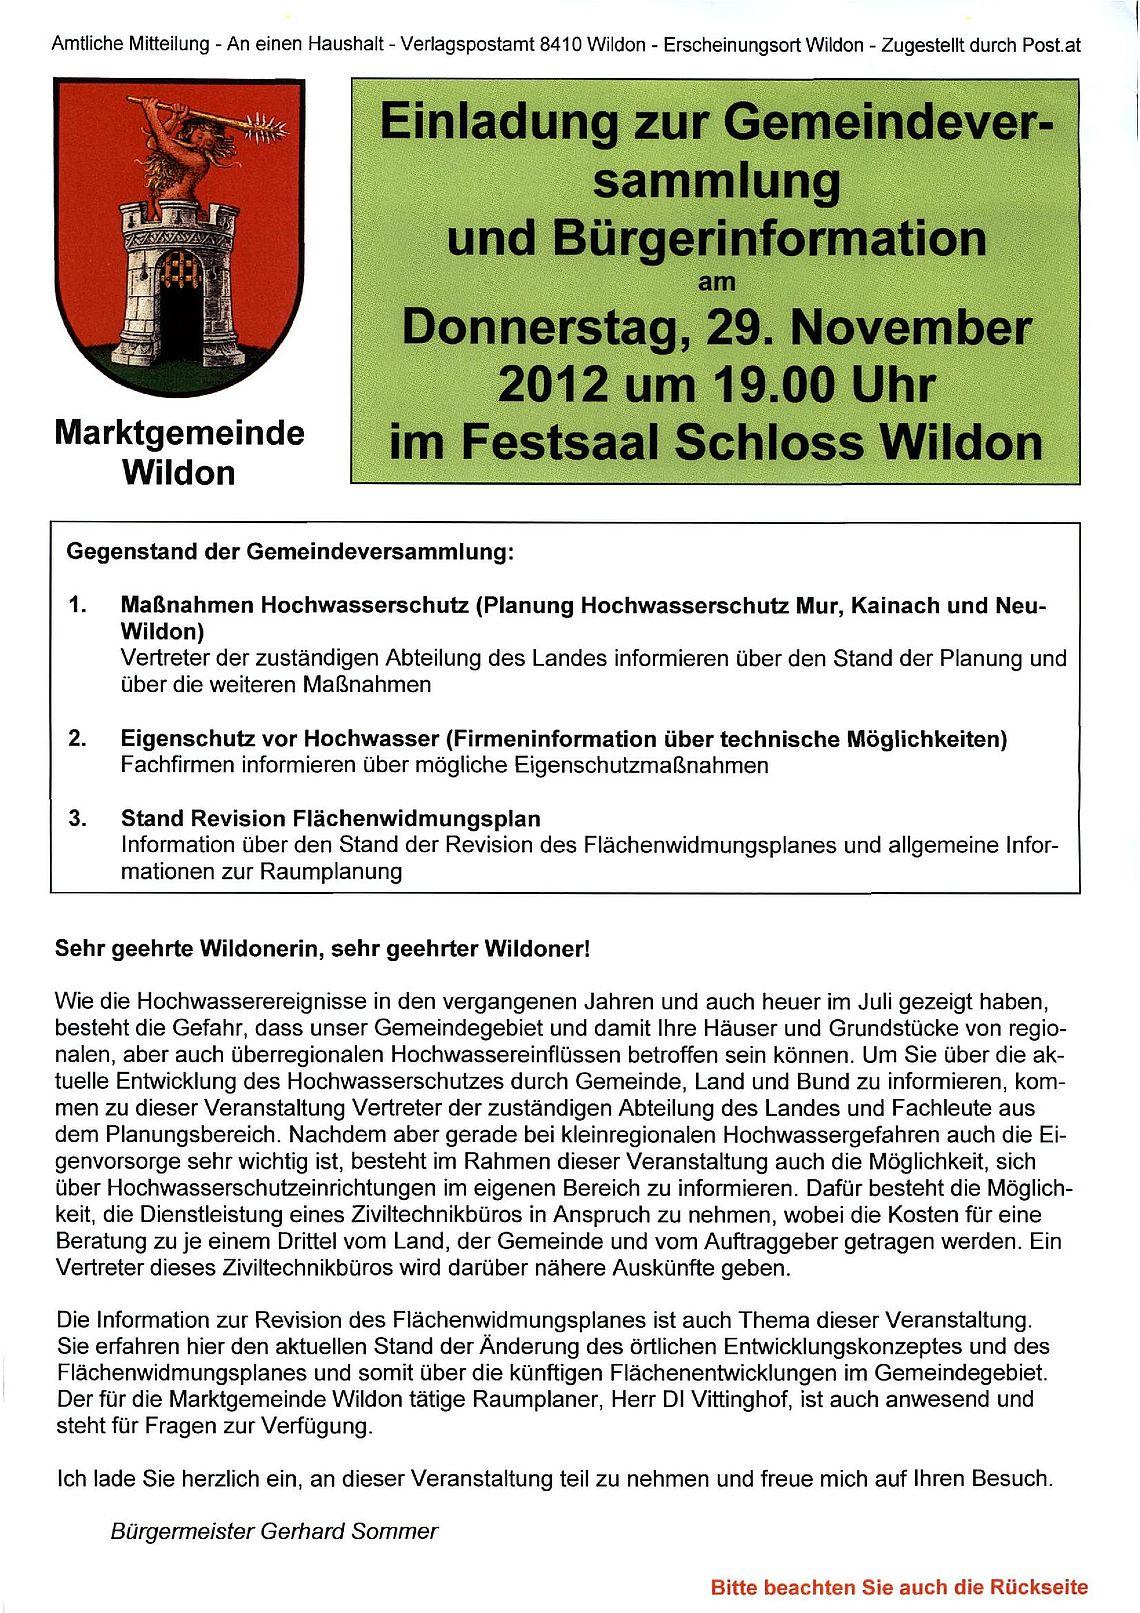 Marktgemeinde Wildon: Geschichte bis 2013